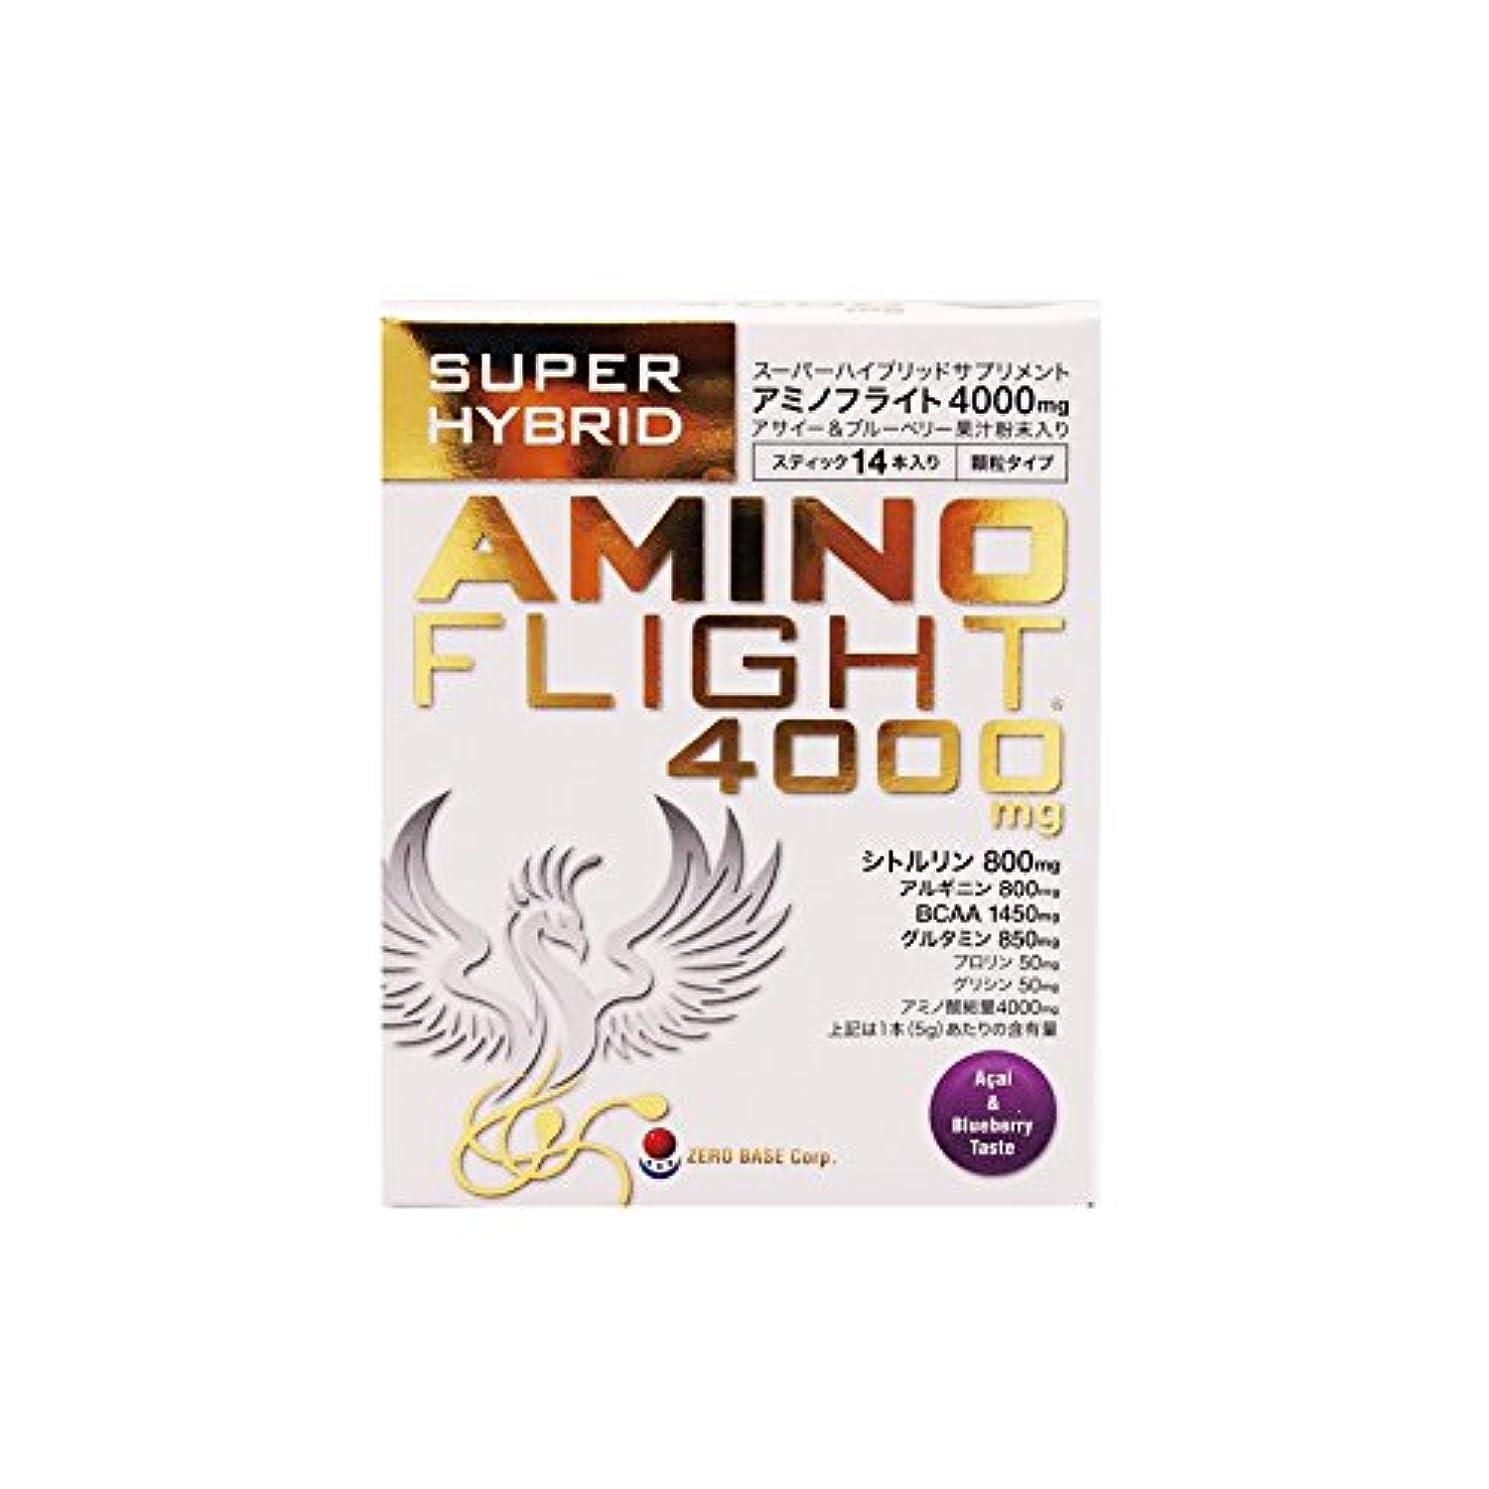 メロンコンベンション識別するアミノフライト 4000mg 5g×14本入り アサイー&ブルーベリー風味 顆粒タイプ